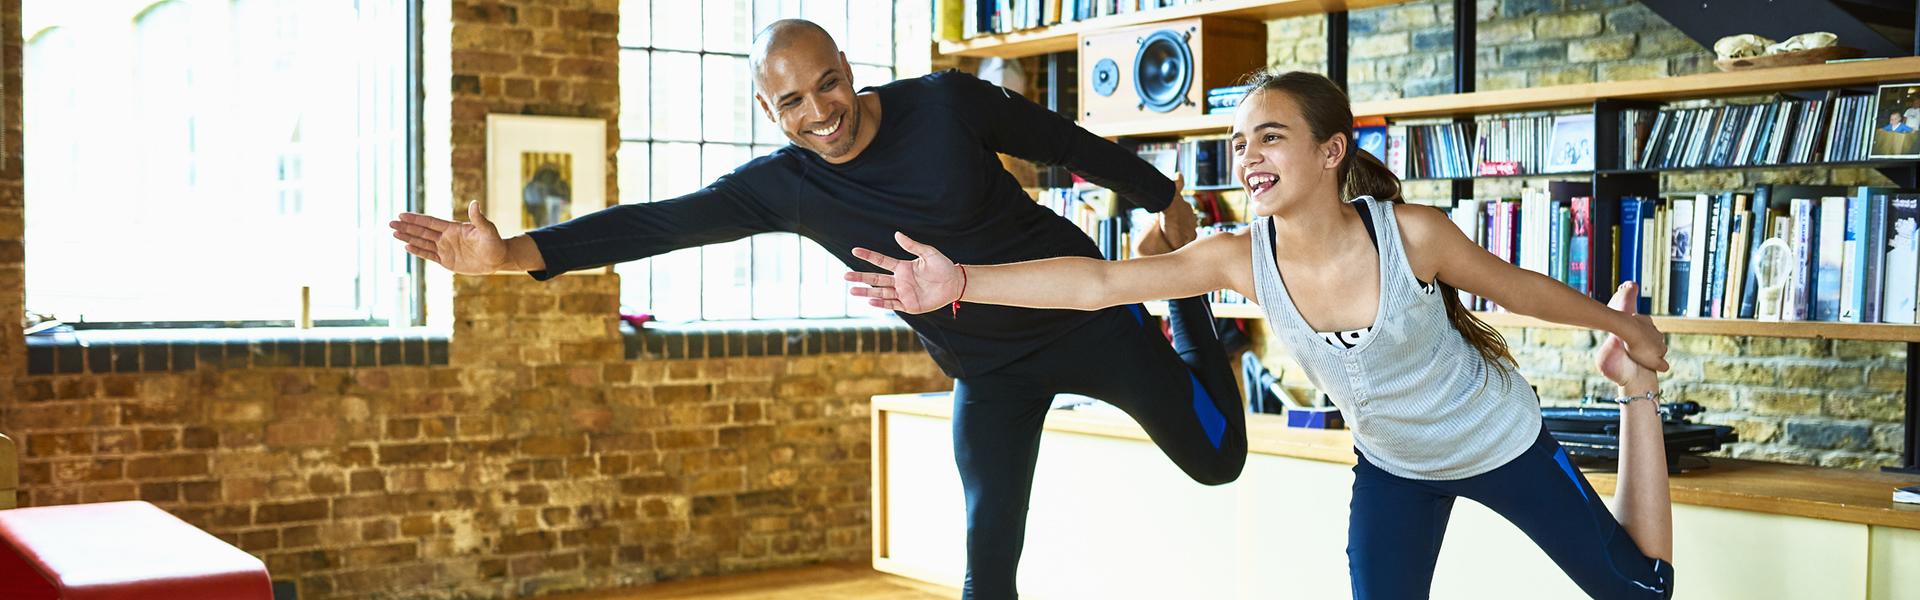 父亲和女儿在家里做瑜伽拉伸运动。